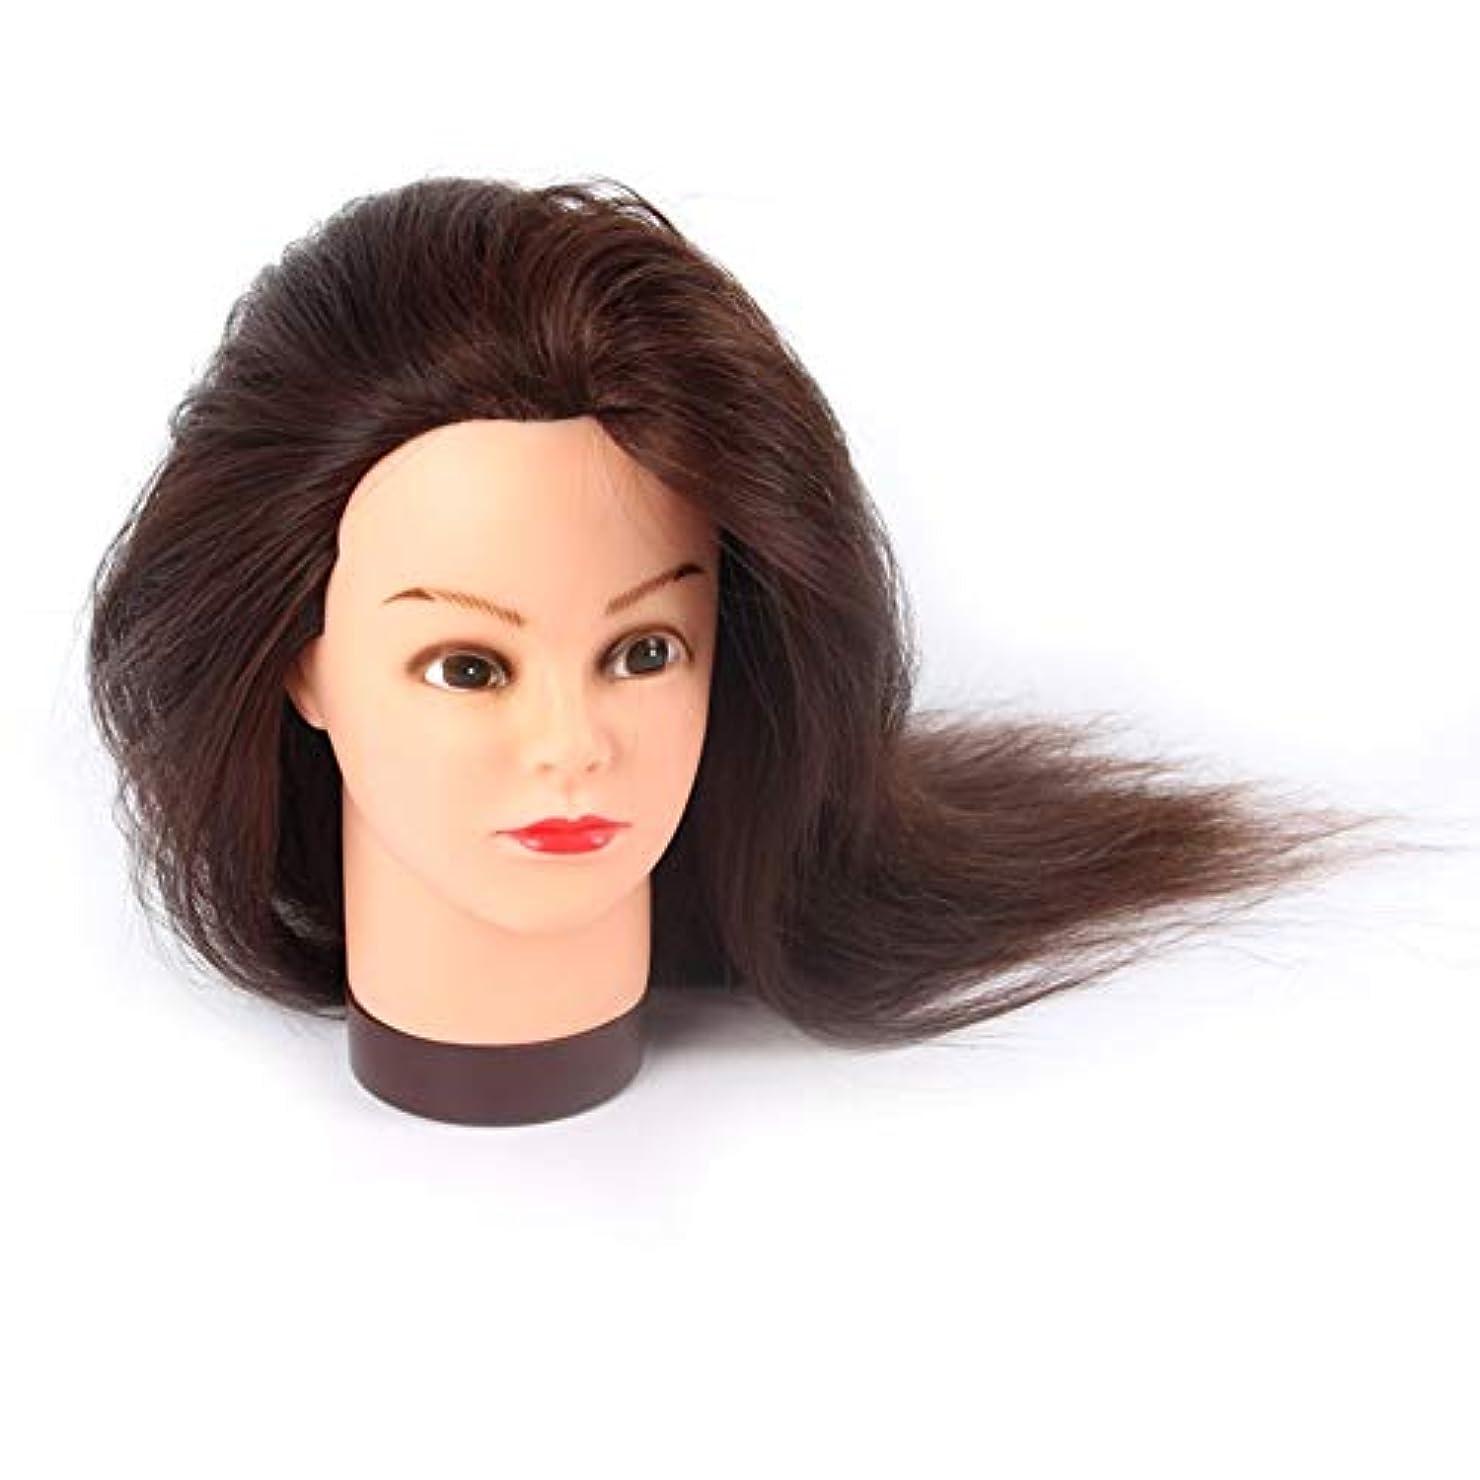 飢えたヒップ学校リアルヘア熱いロール指導ヘッド理髪店学習パーマ髪染めダミーヘッド花嫁メイクモデリングマネキンヘッド